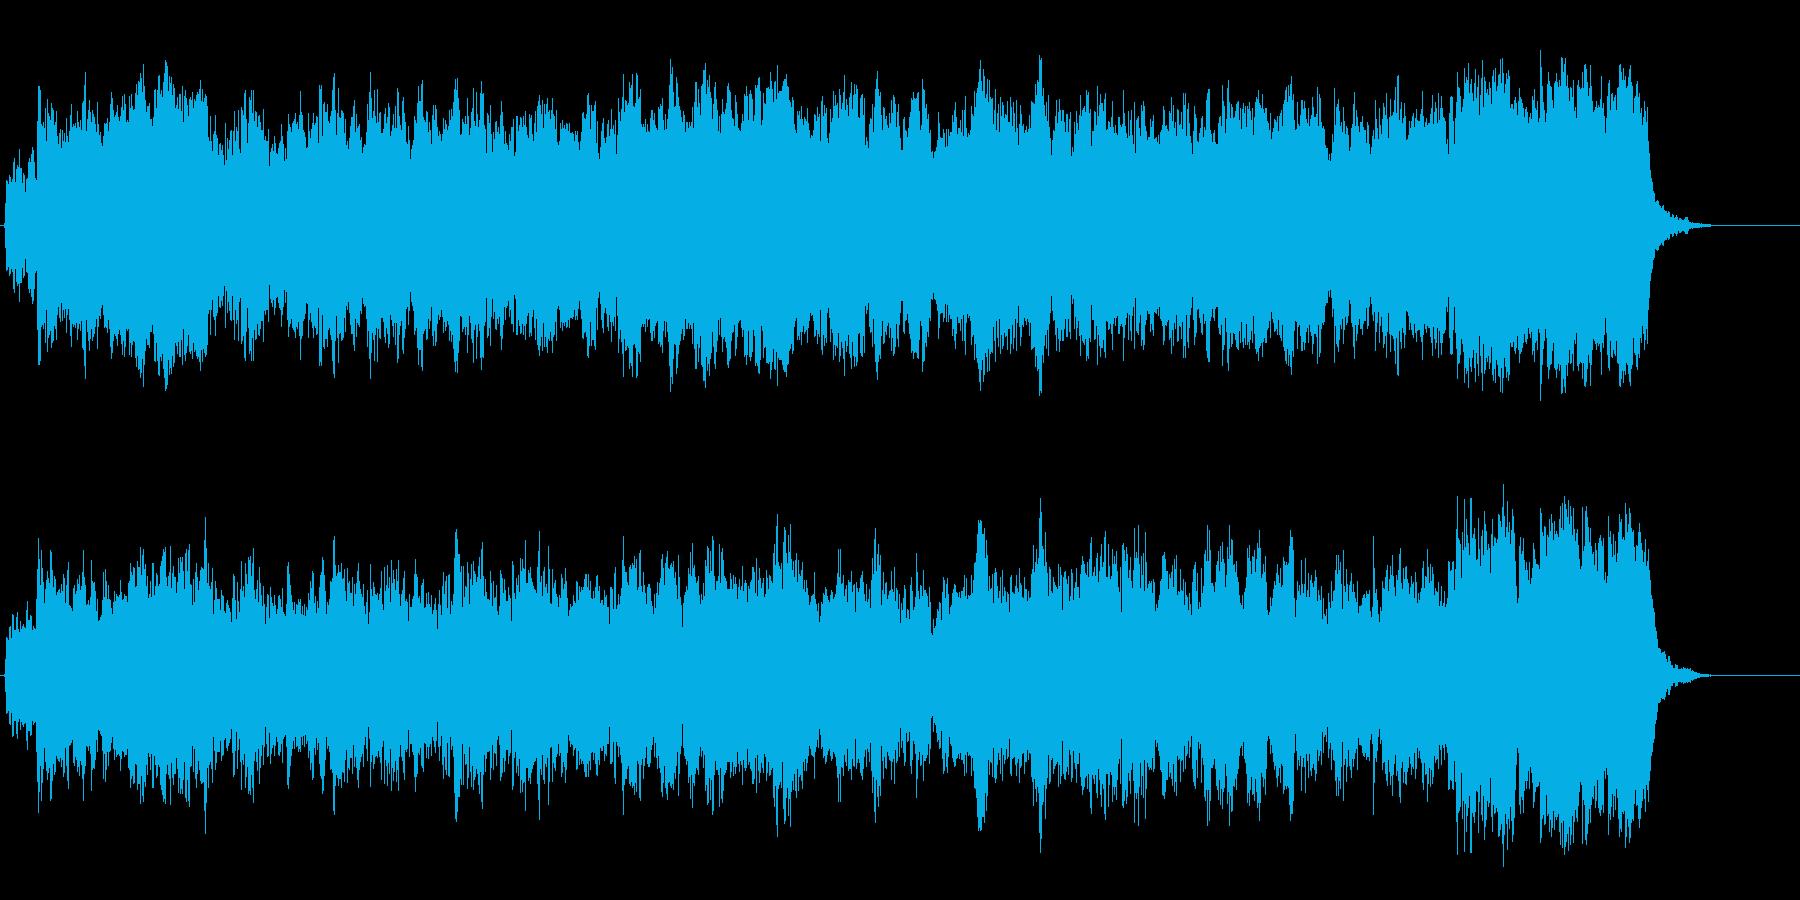 穏やかなネイチャー系アンビエントの再生済みの波形